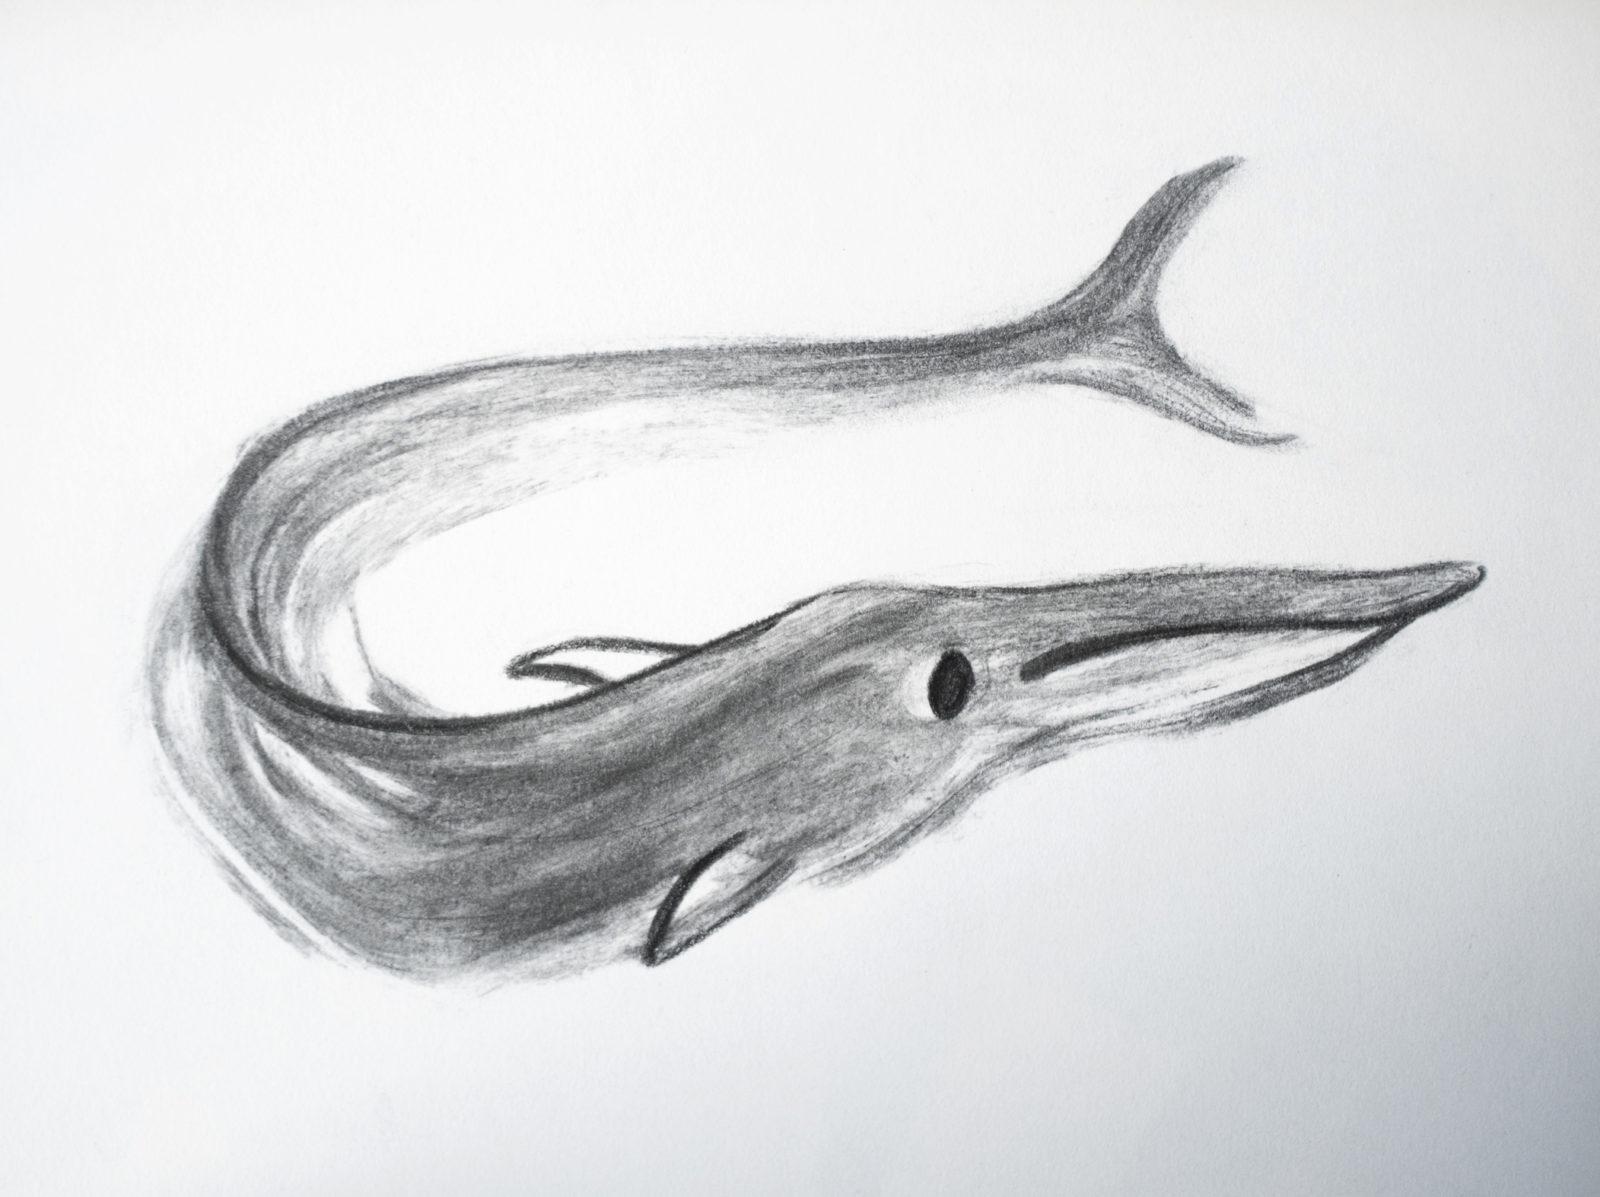 Whale by Pyhai